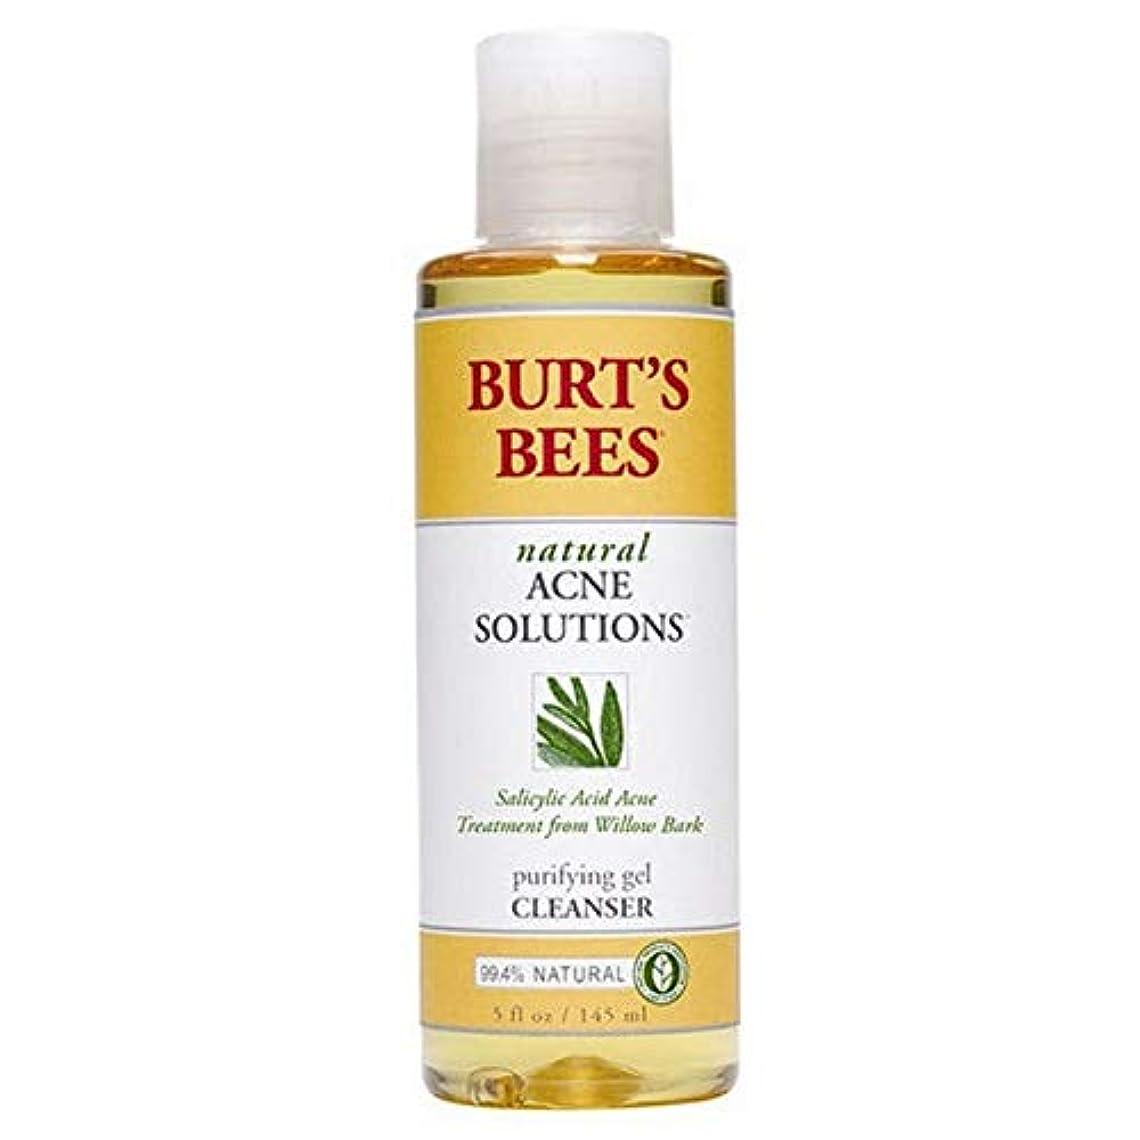 移植獲物トランク[Burt's Bees ] バーツビー反傷毎日クレンザー、145ミリリットル - Burt's Bees Anti Blemish Daily Cleanser, 145ml [並行輸入品]